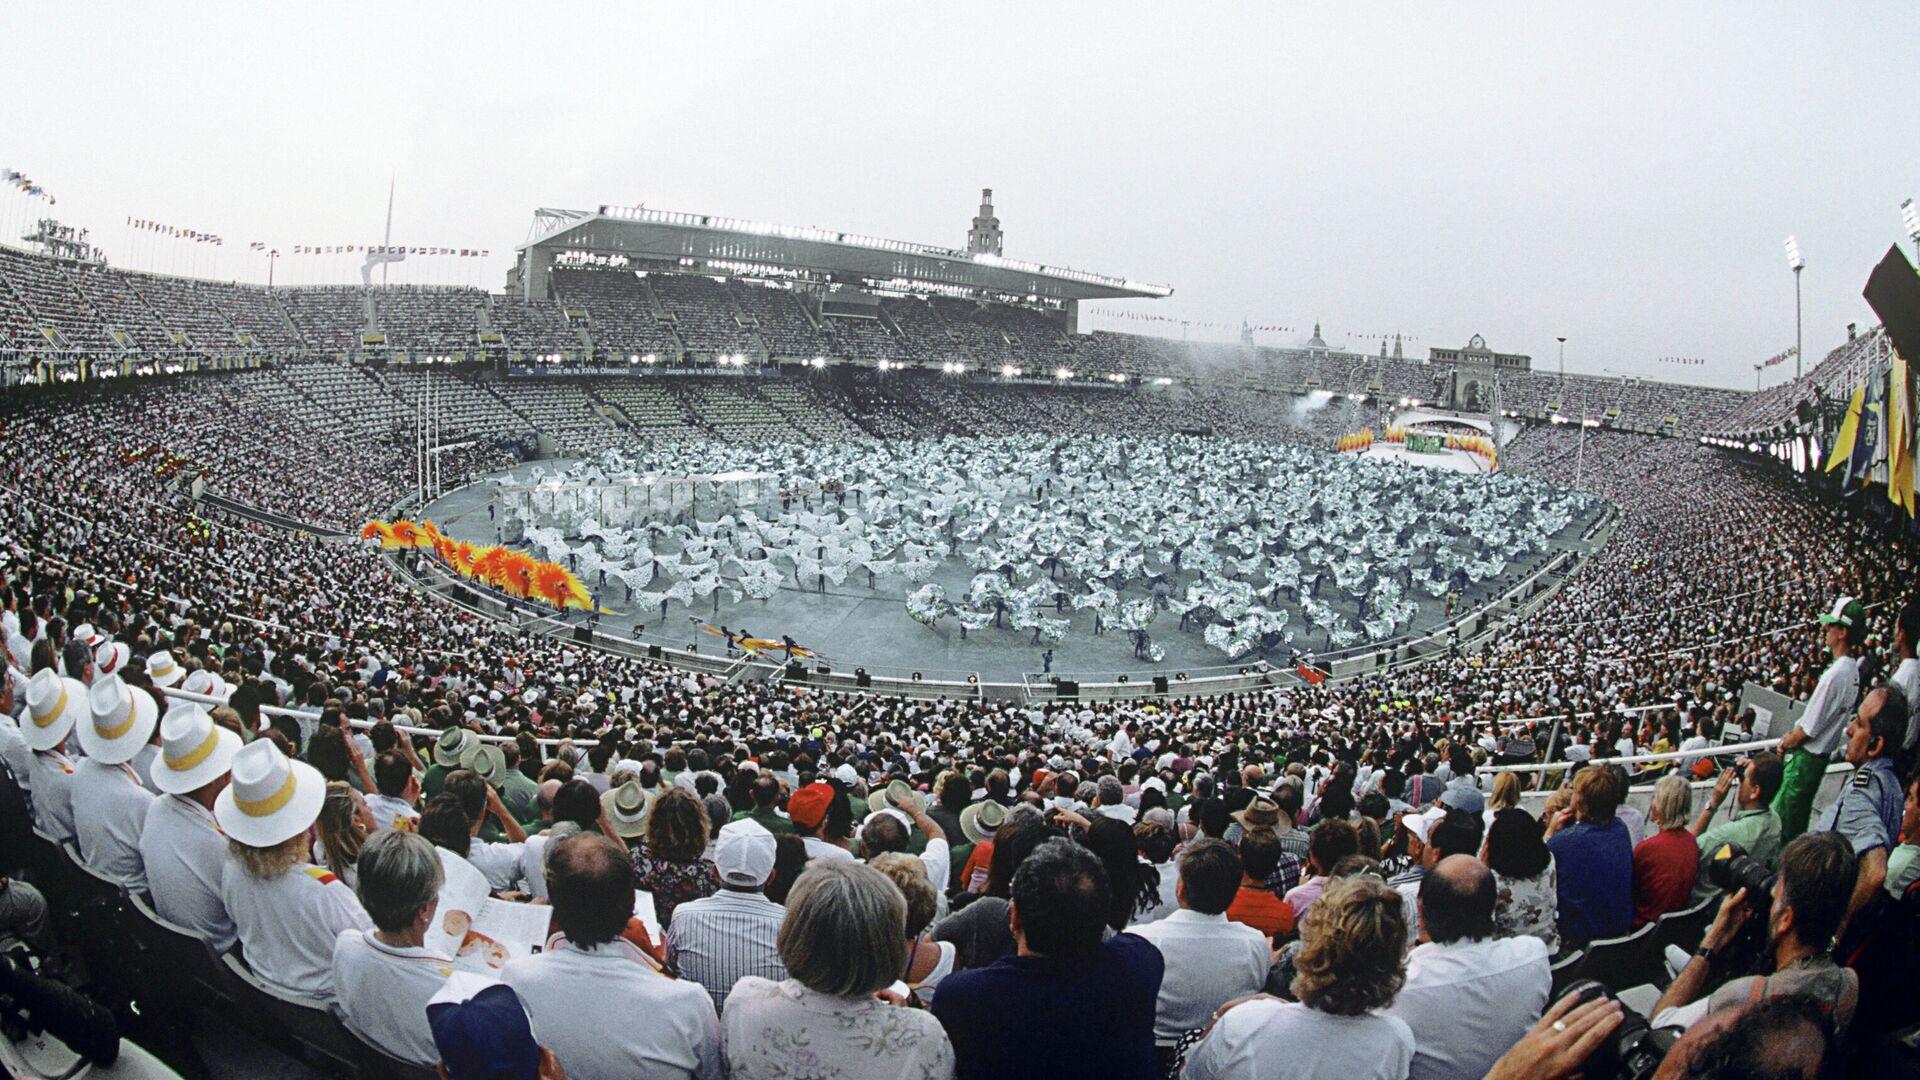 Торжественная церемония открытия XXV летних Олимпийских игр в Барселоне - РИА Новости, 1920, 22.07.2021